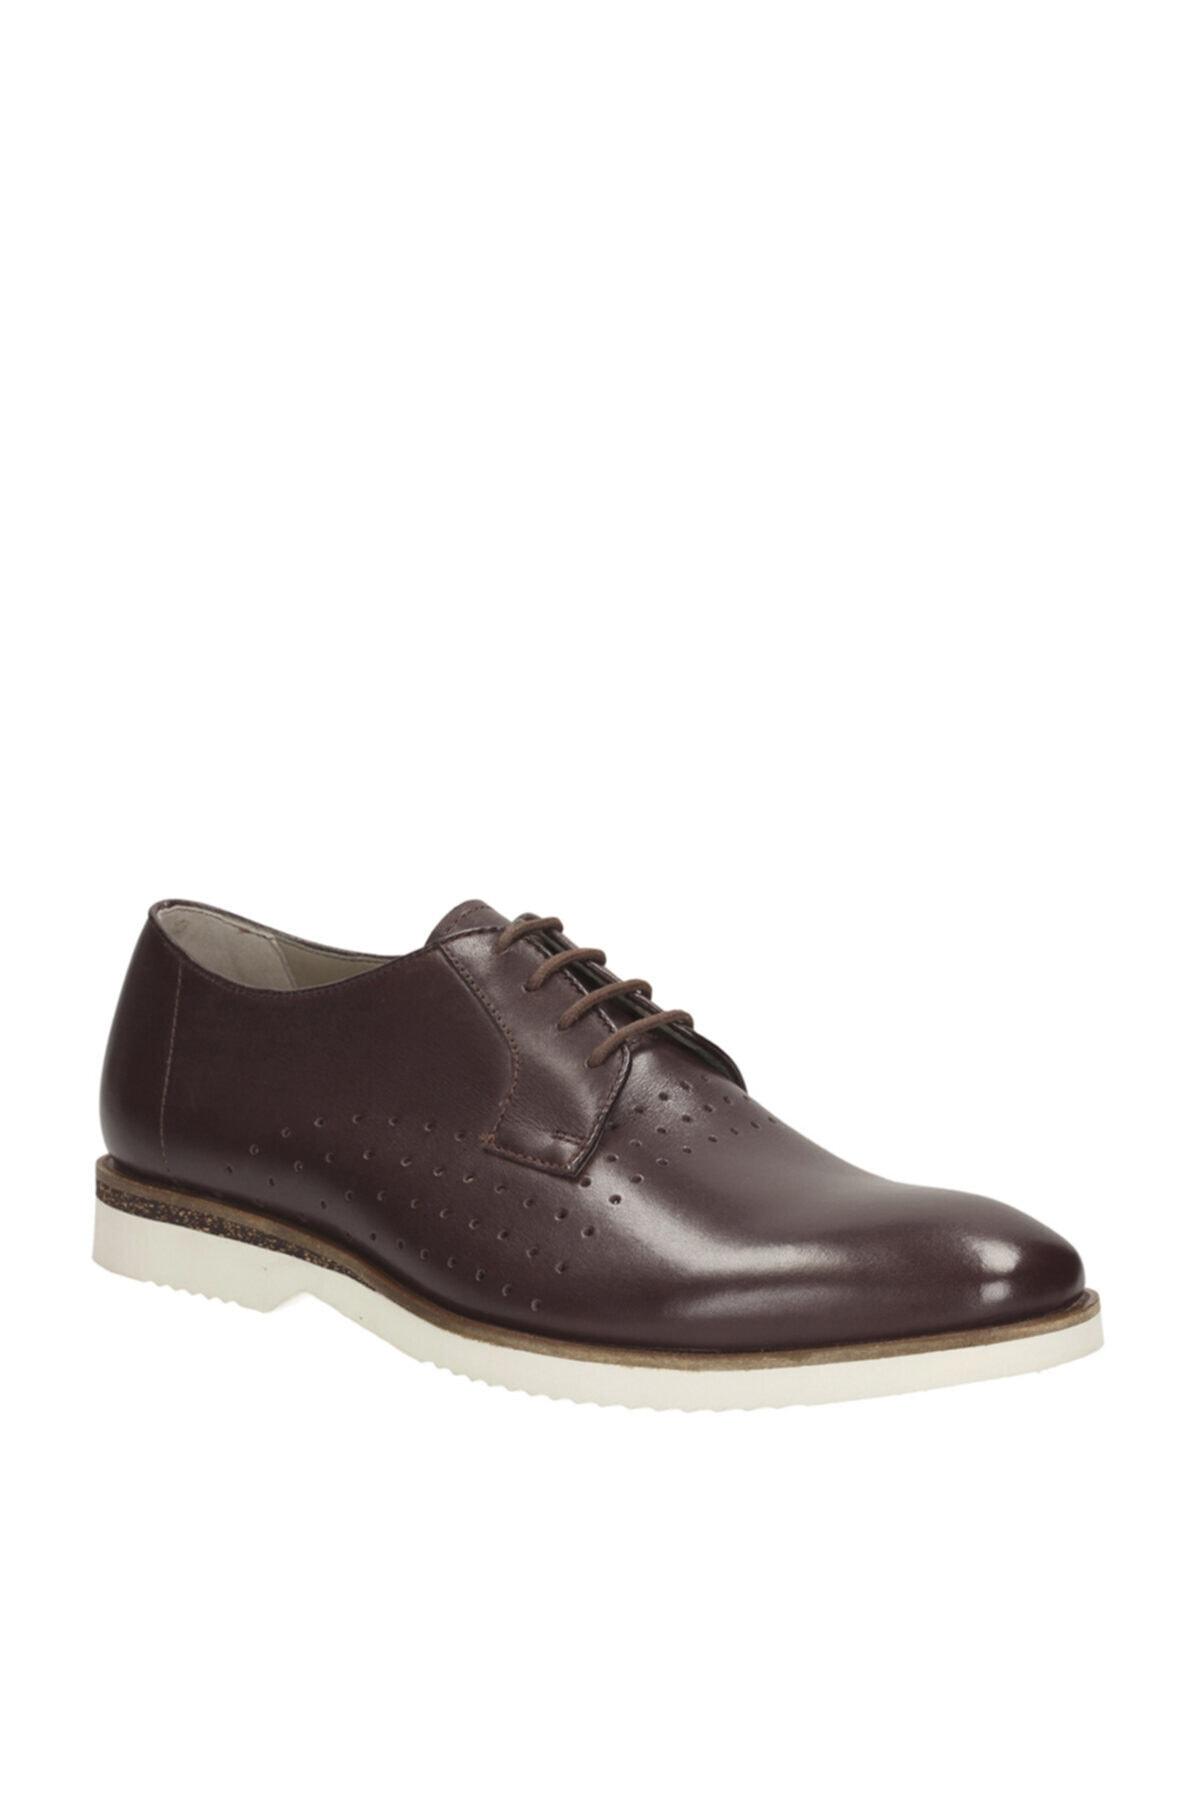 CLARKS Hakiki Deri Kahverengi Erkek Ayakkabı 261142697 1